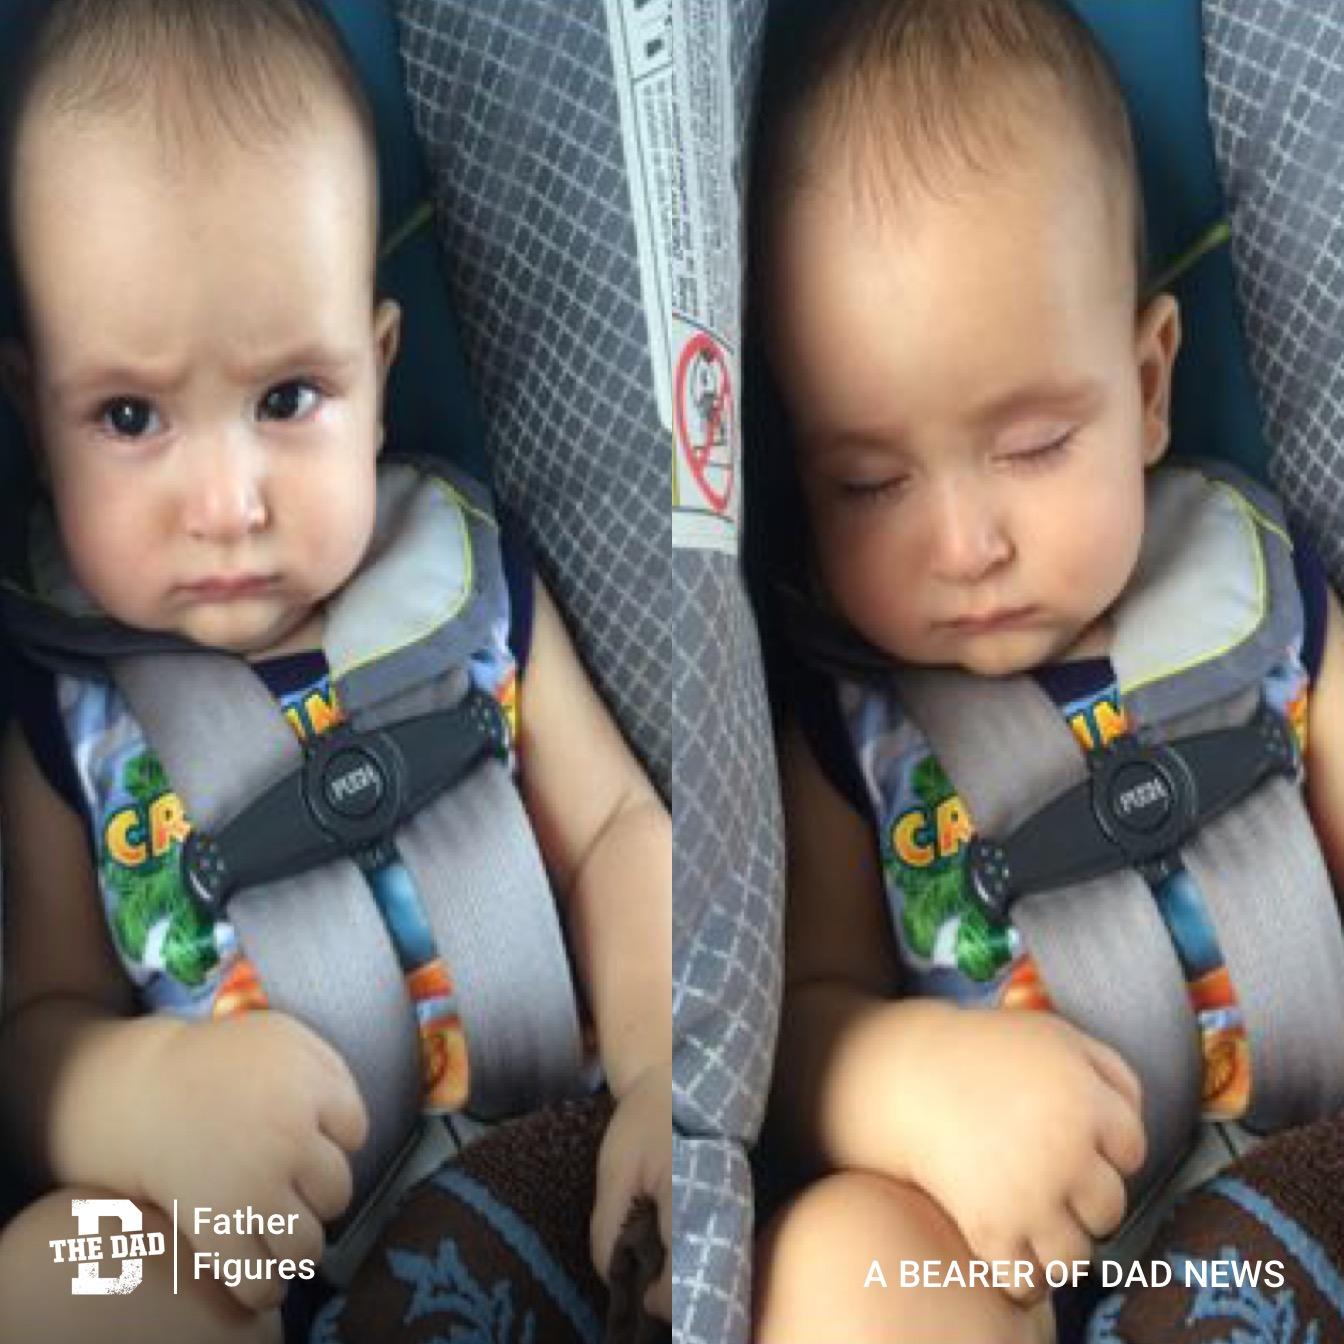 Father Figures: Meltdown Comparisons